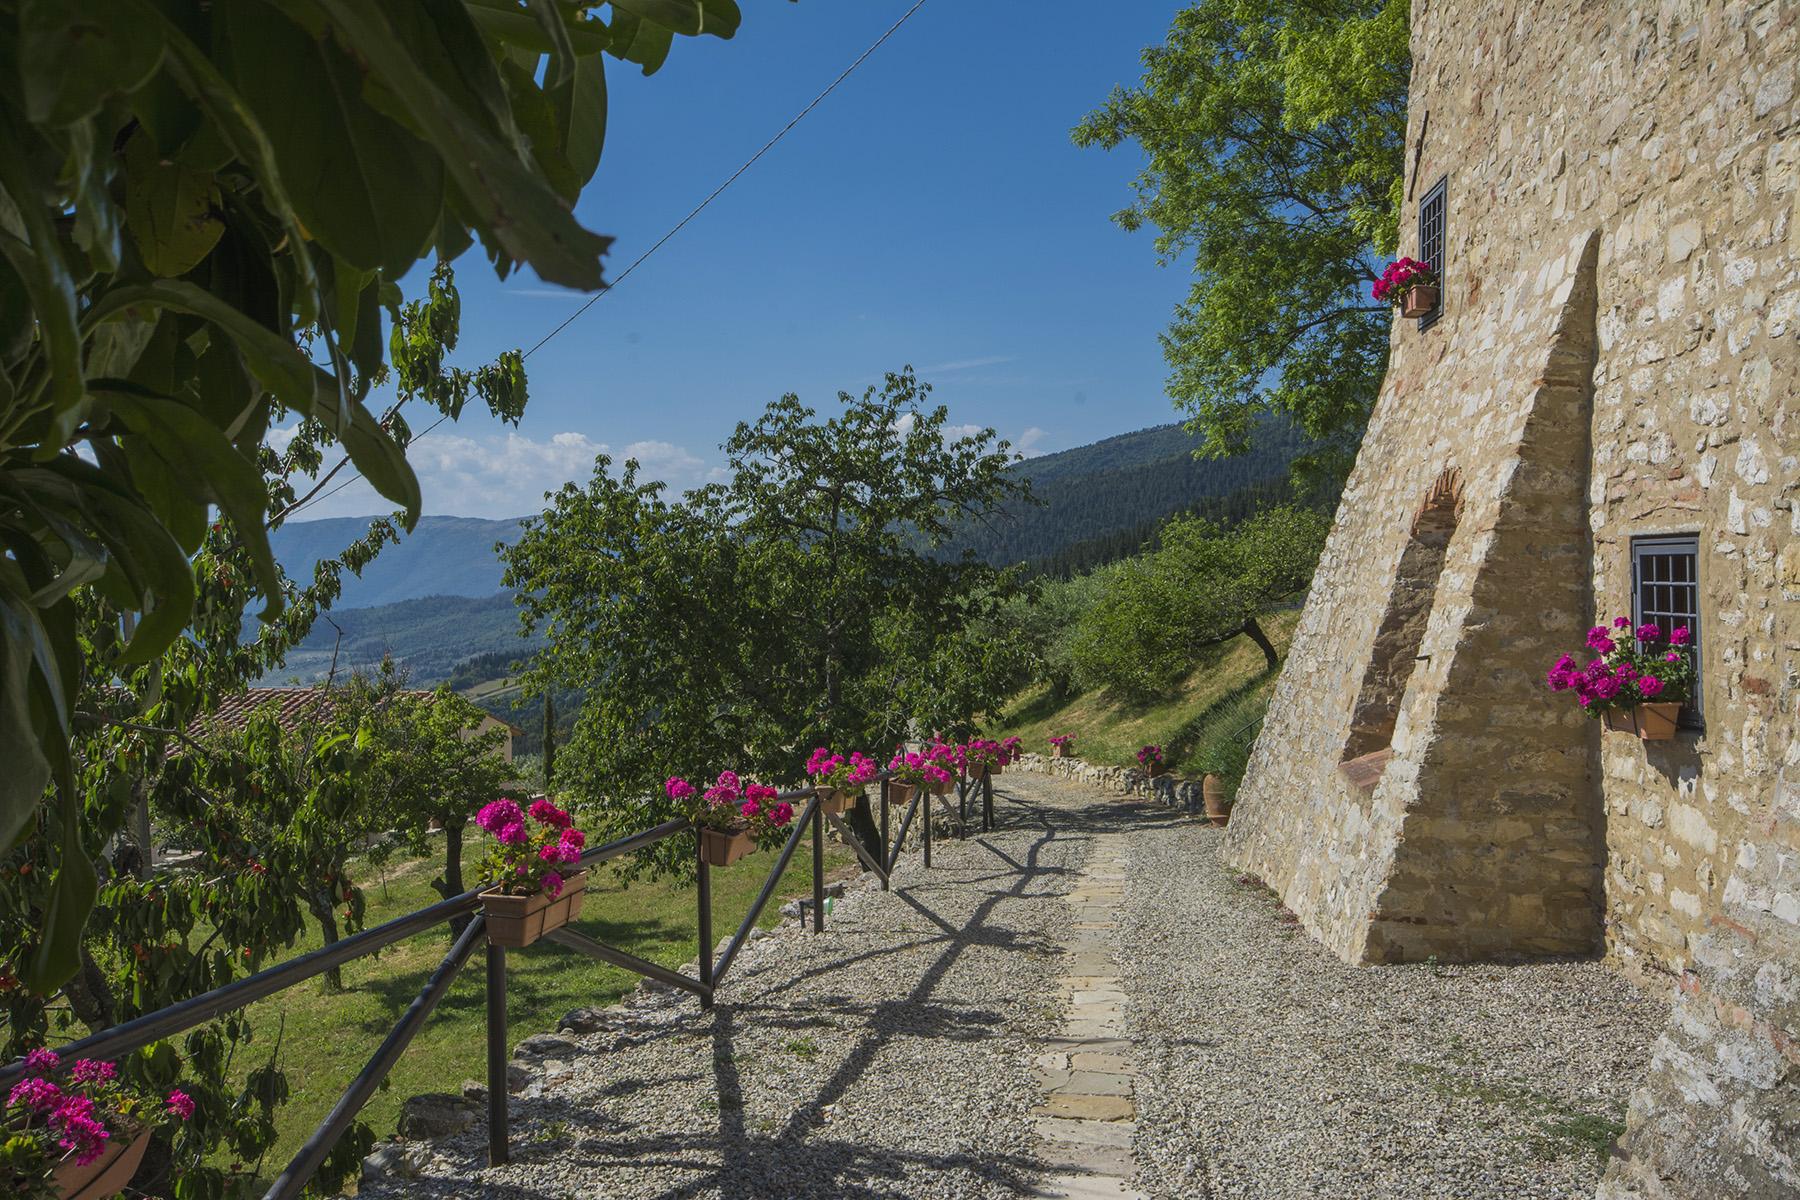 Rustico in Vendita a Sesto Fiorentino: 5 locali, 750 mq - Foto 8